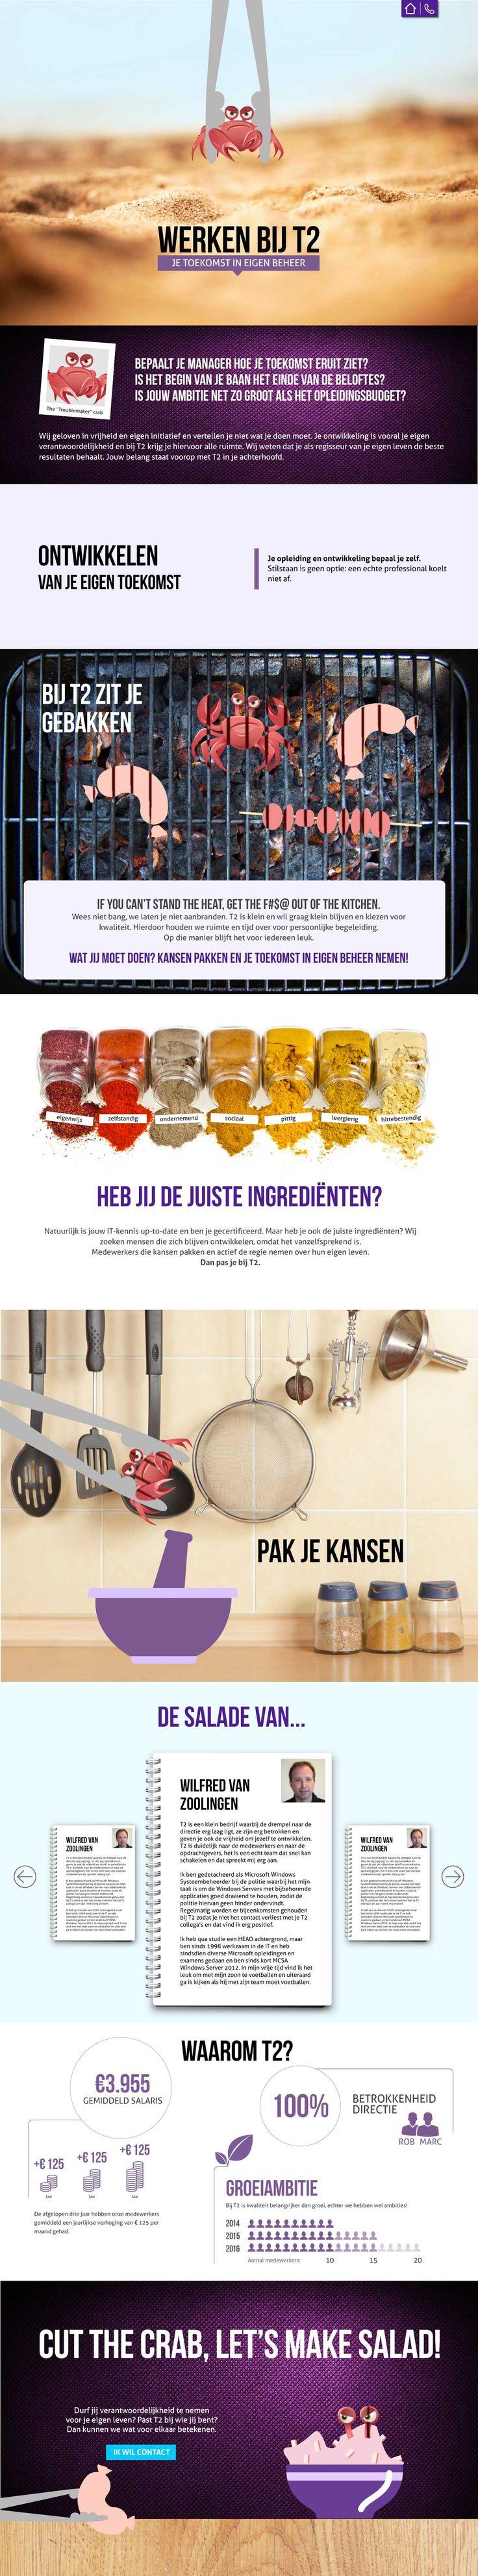 Parallax scrolling website   www.t2.nl